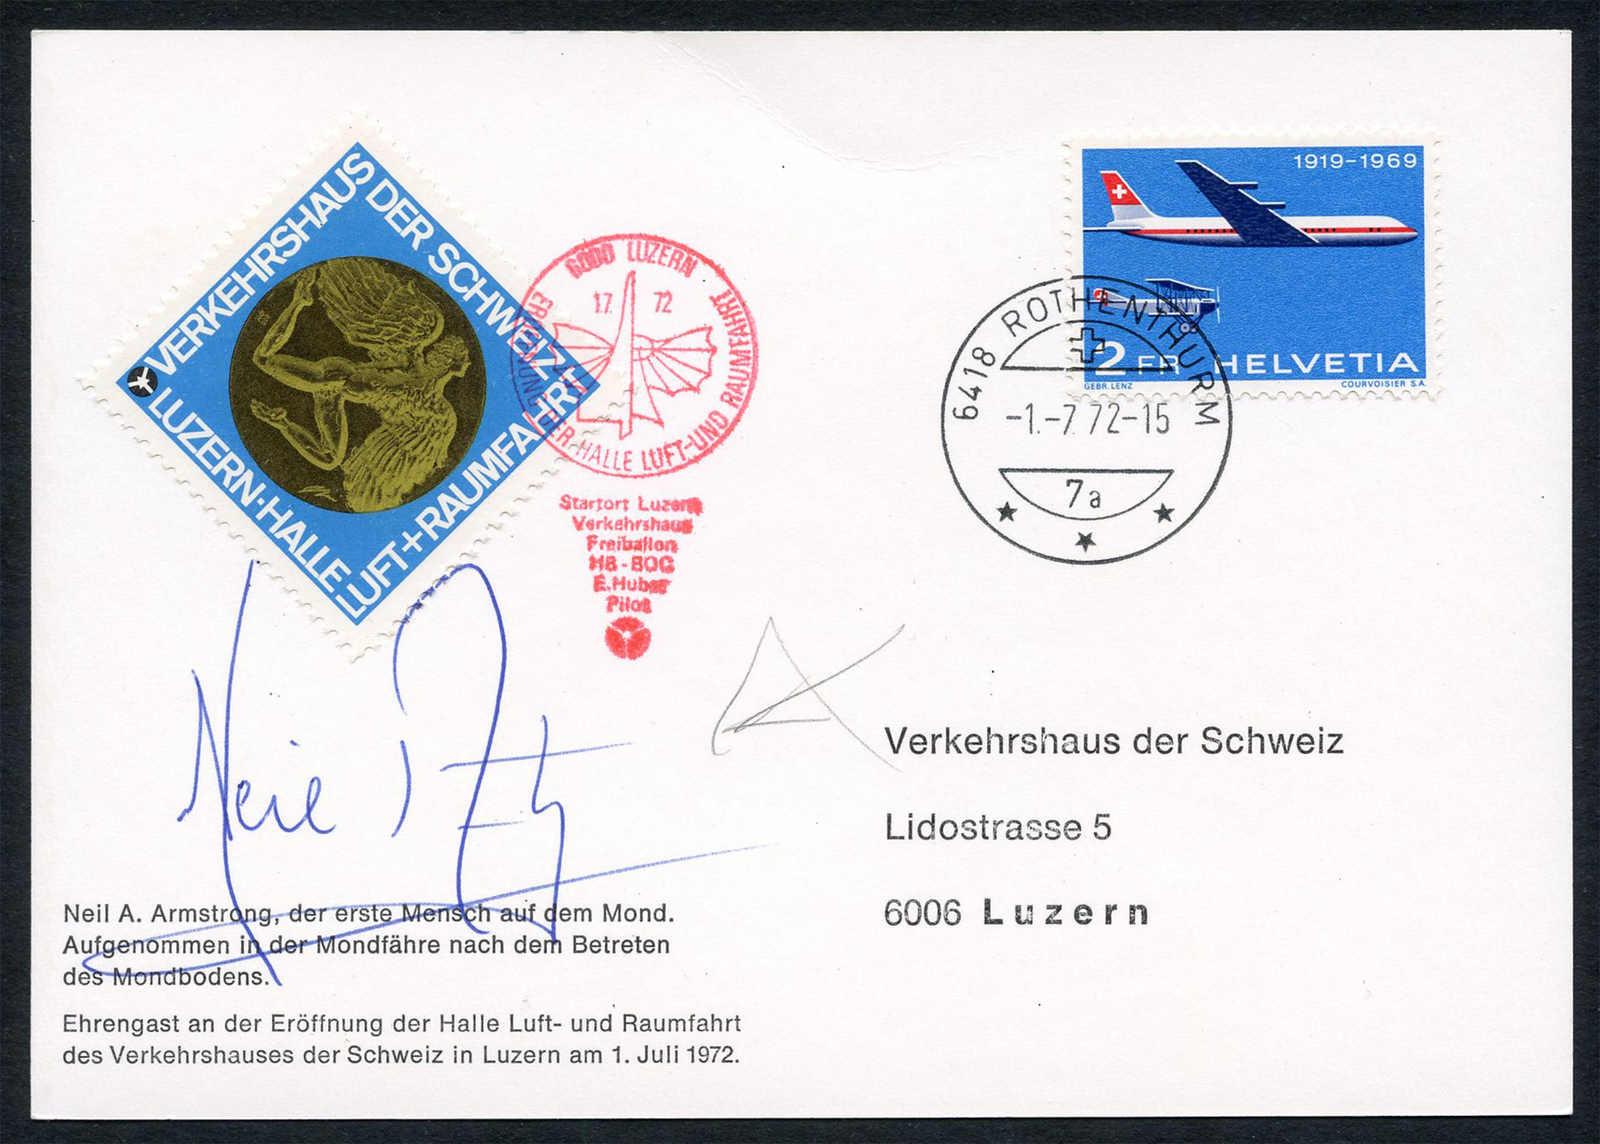 Lot 728 - andere gebiete bhutan -  Schwarzenbach Auktion Zurich 67th Auction - Session II